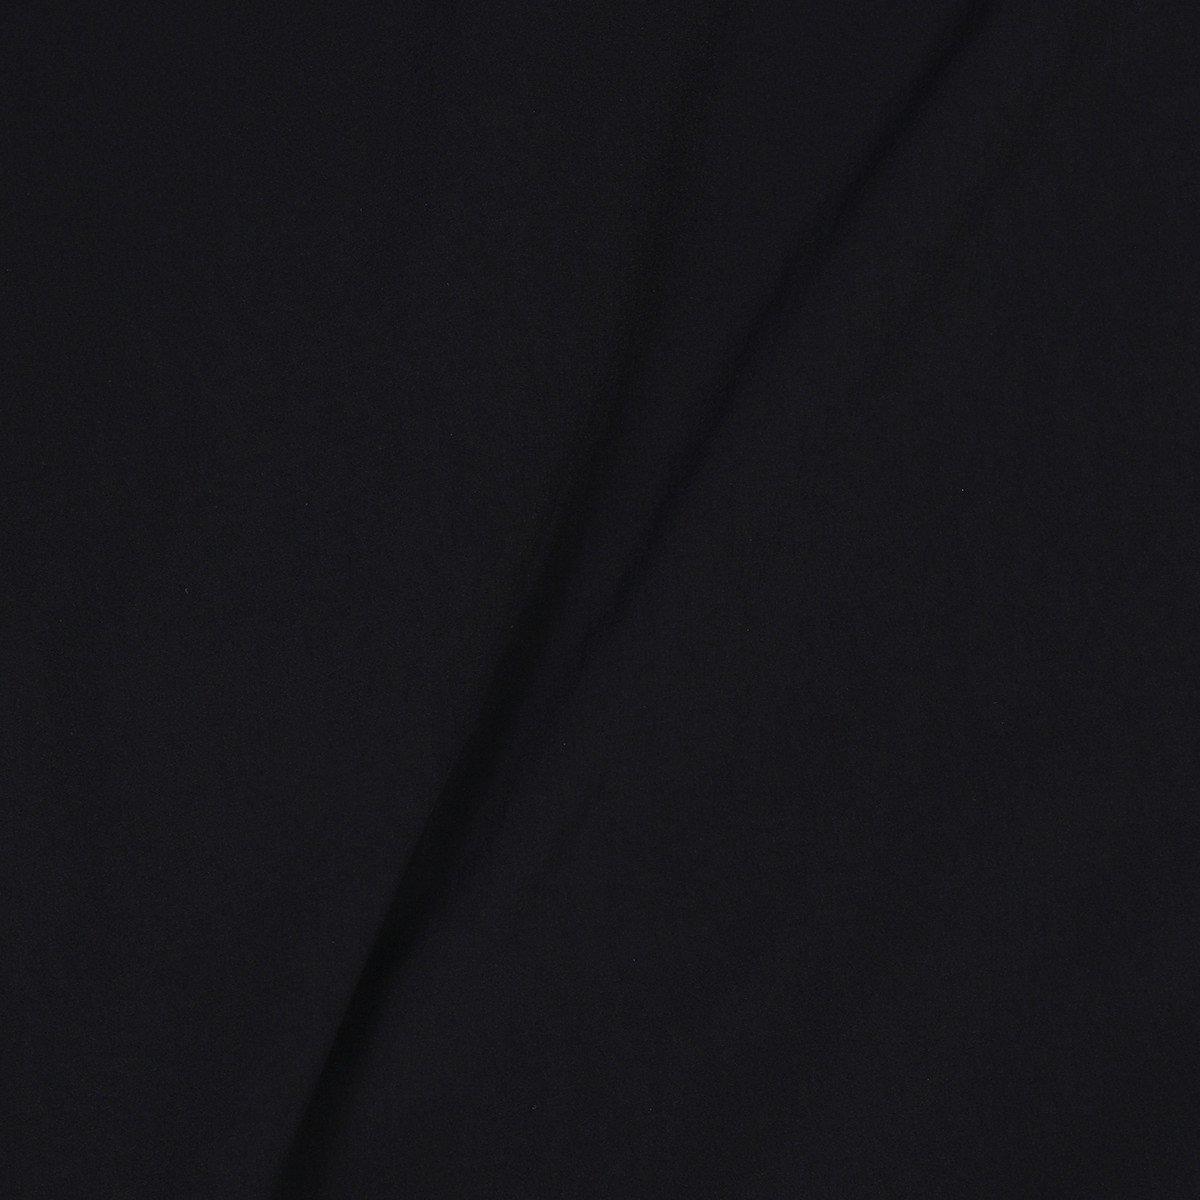 S/S W Pocket Shirts 詳細画像23